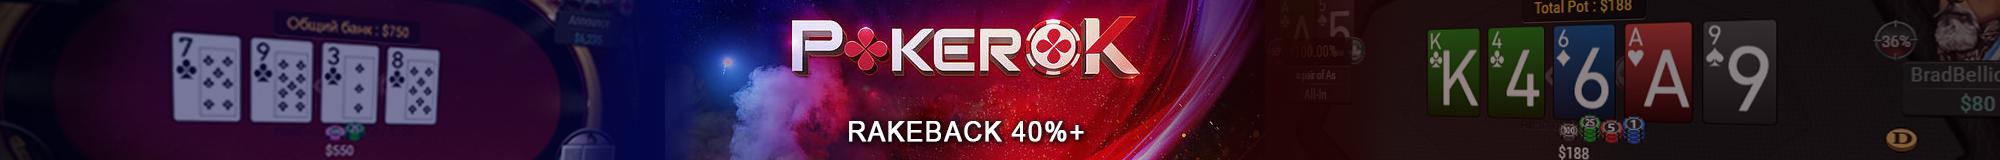 pokerok banner